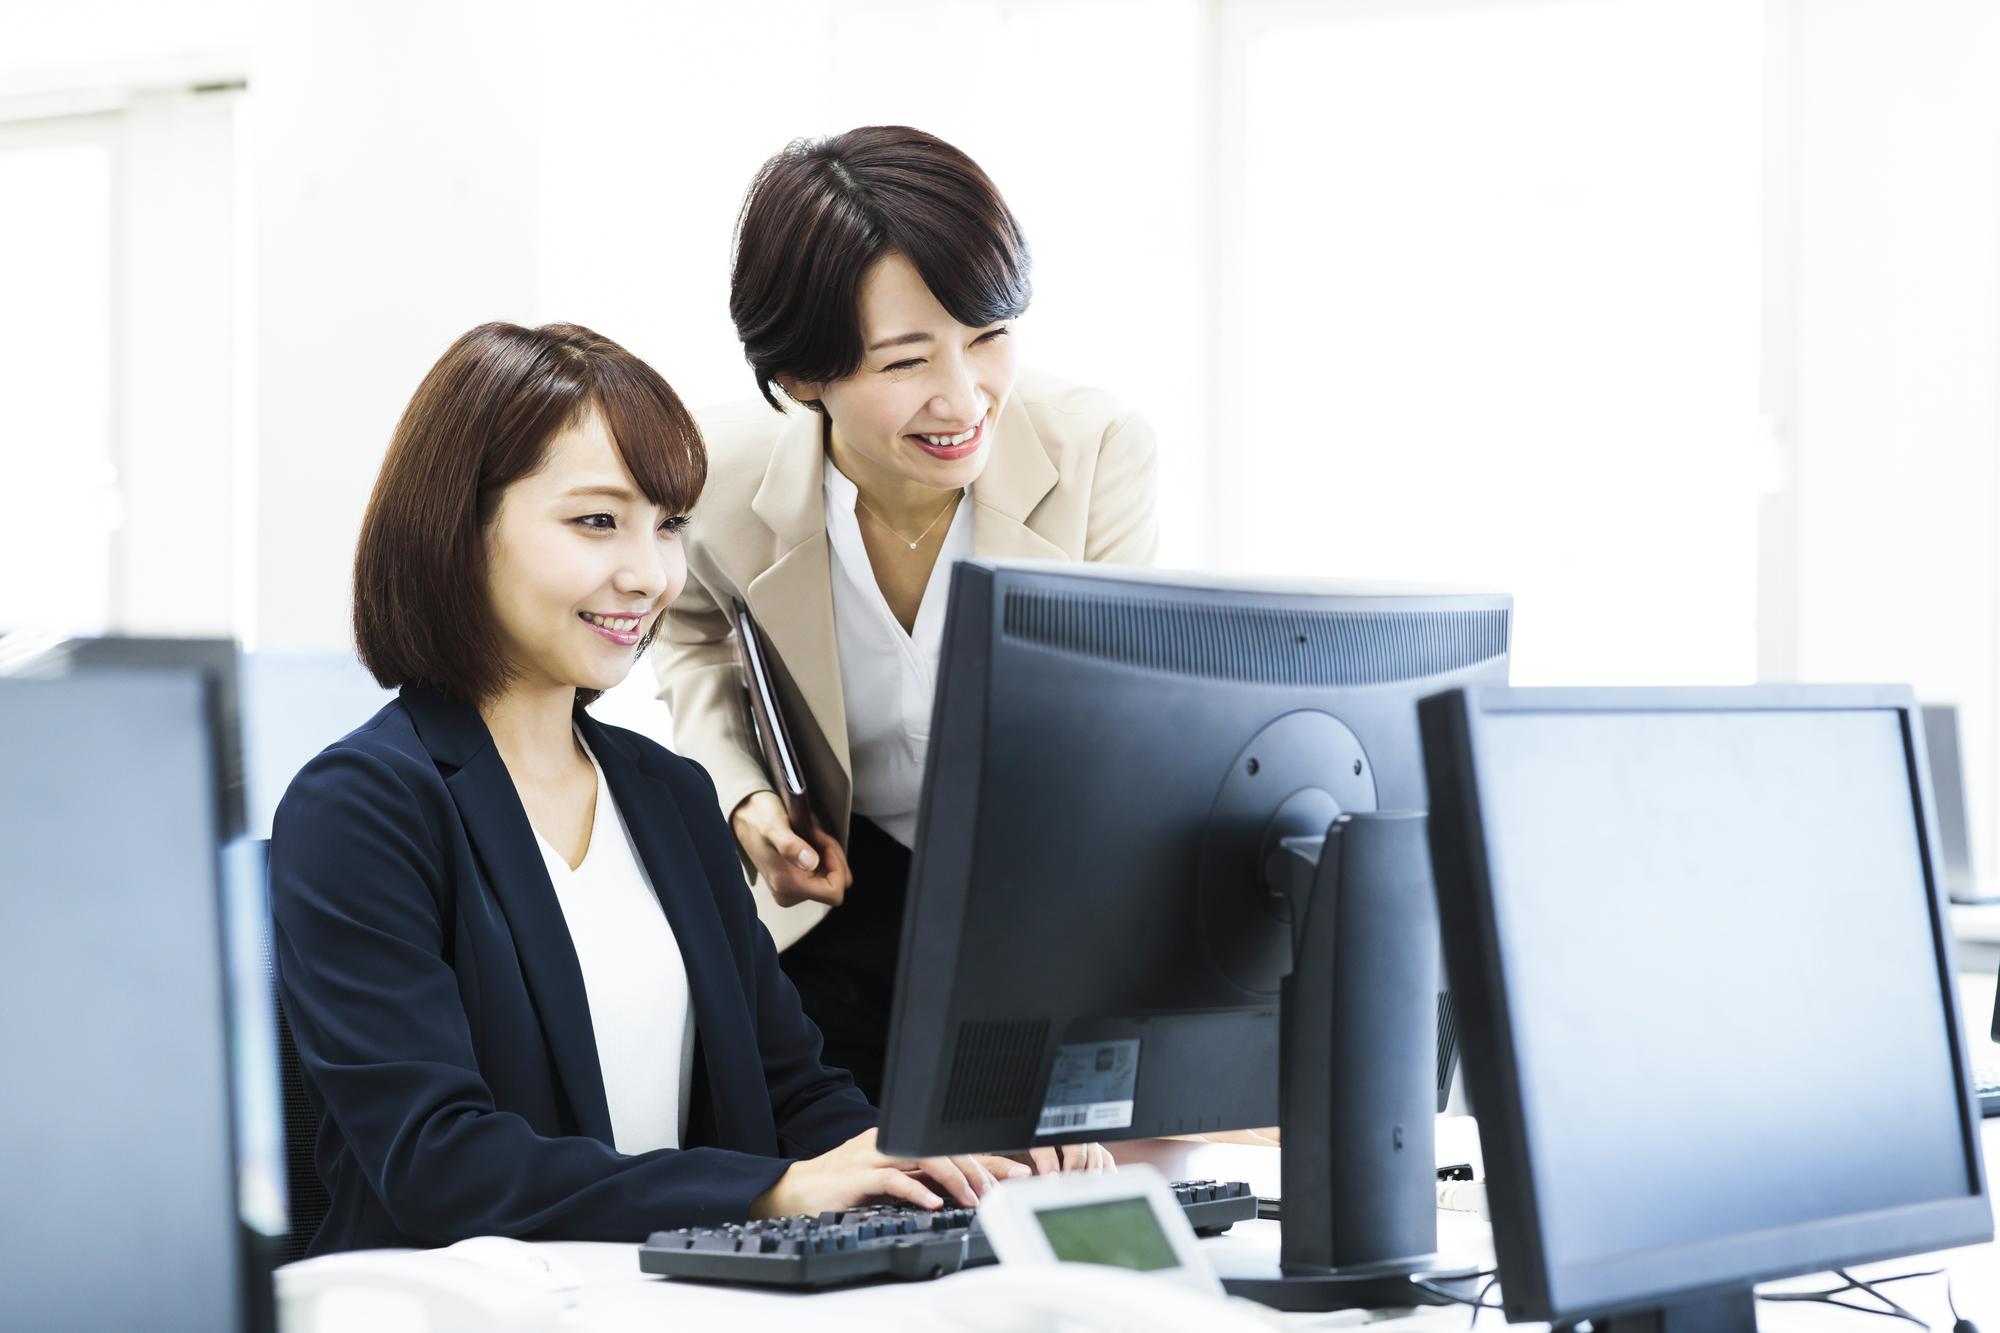 1.総合人材-パソコンを見つめる2人の女性